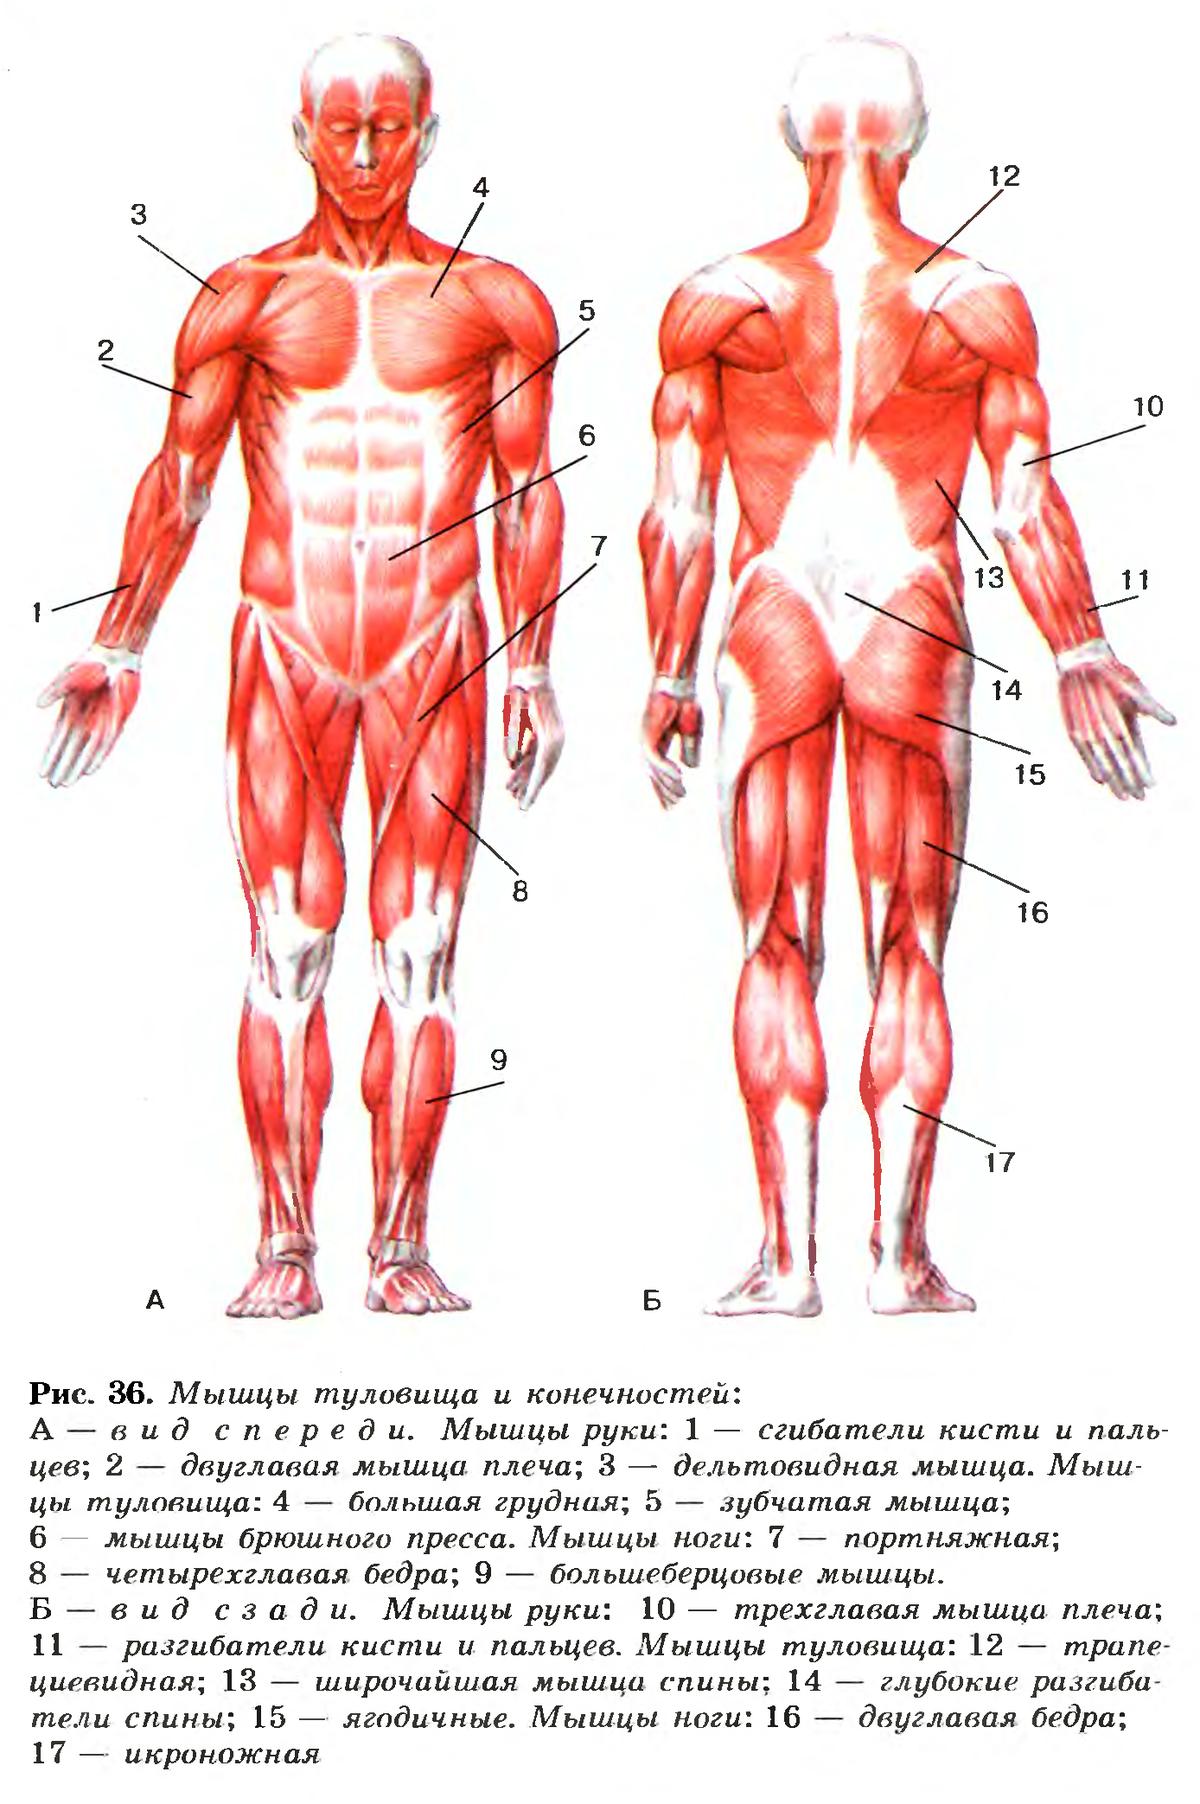 Картинки по биологии мышцы человека